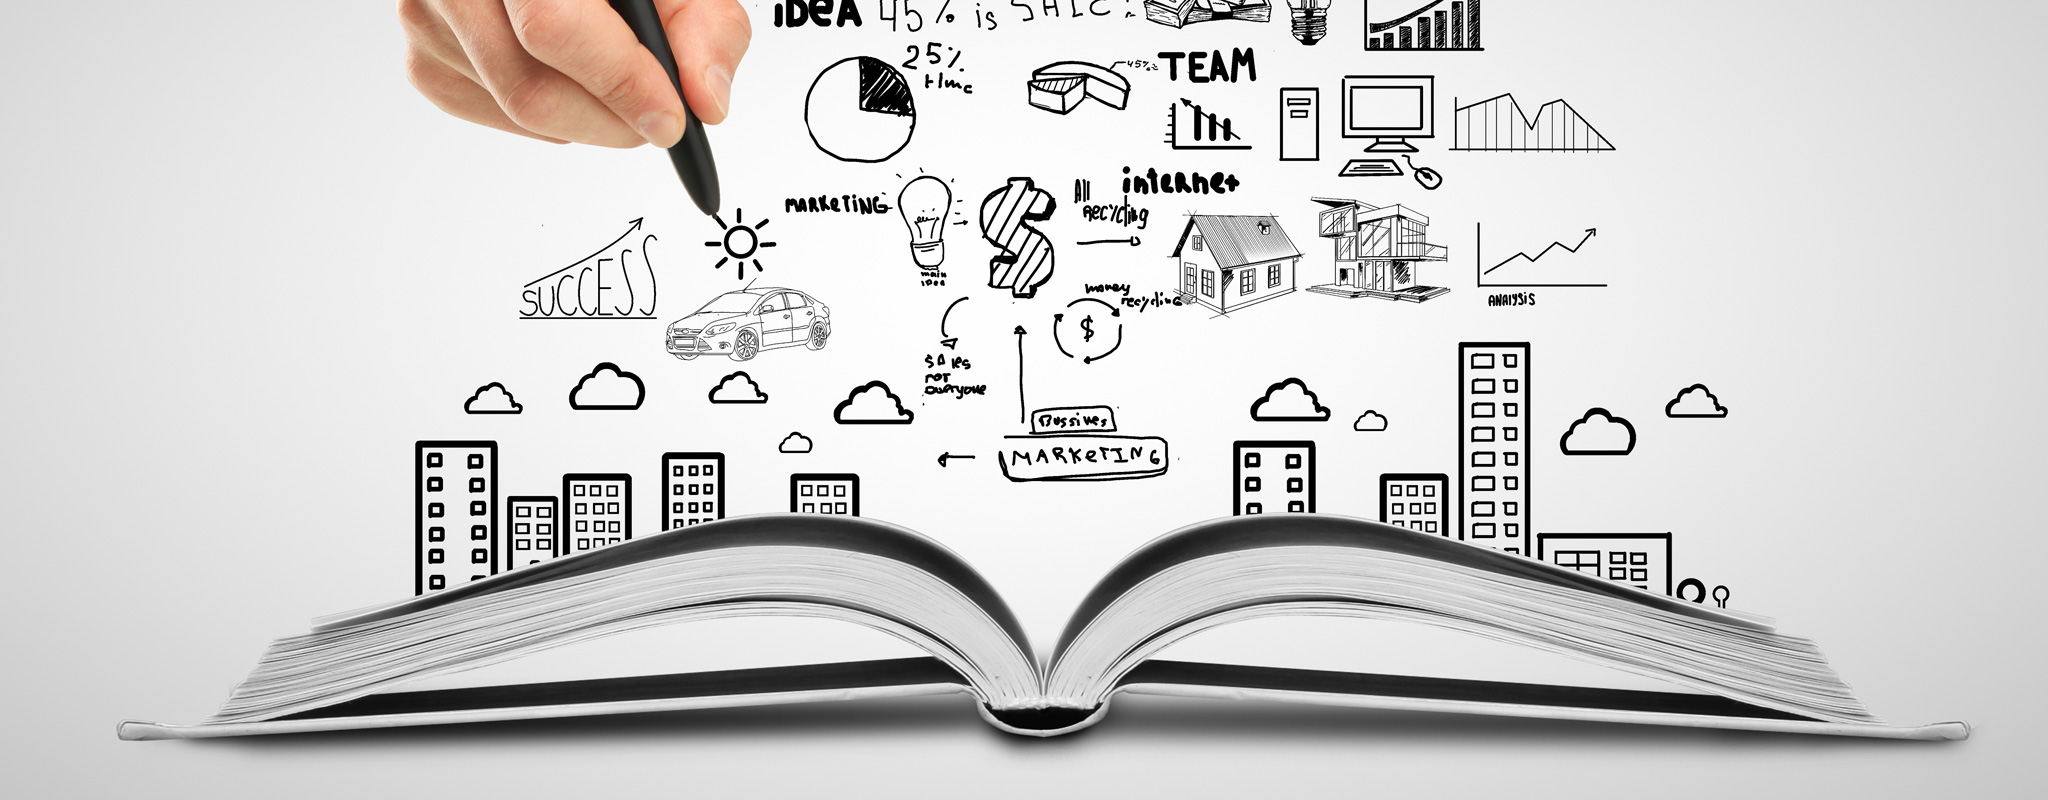 बिद्यार्थीलाई बीमाको सैद्धान्तिक ज्ञान मात्र हैन प्रयोगत्मक अभ्यास गराउँनुर्छ -बीमा कम्पनी